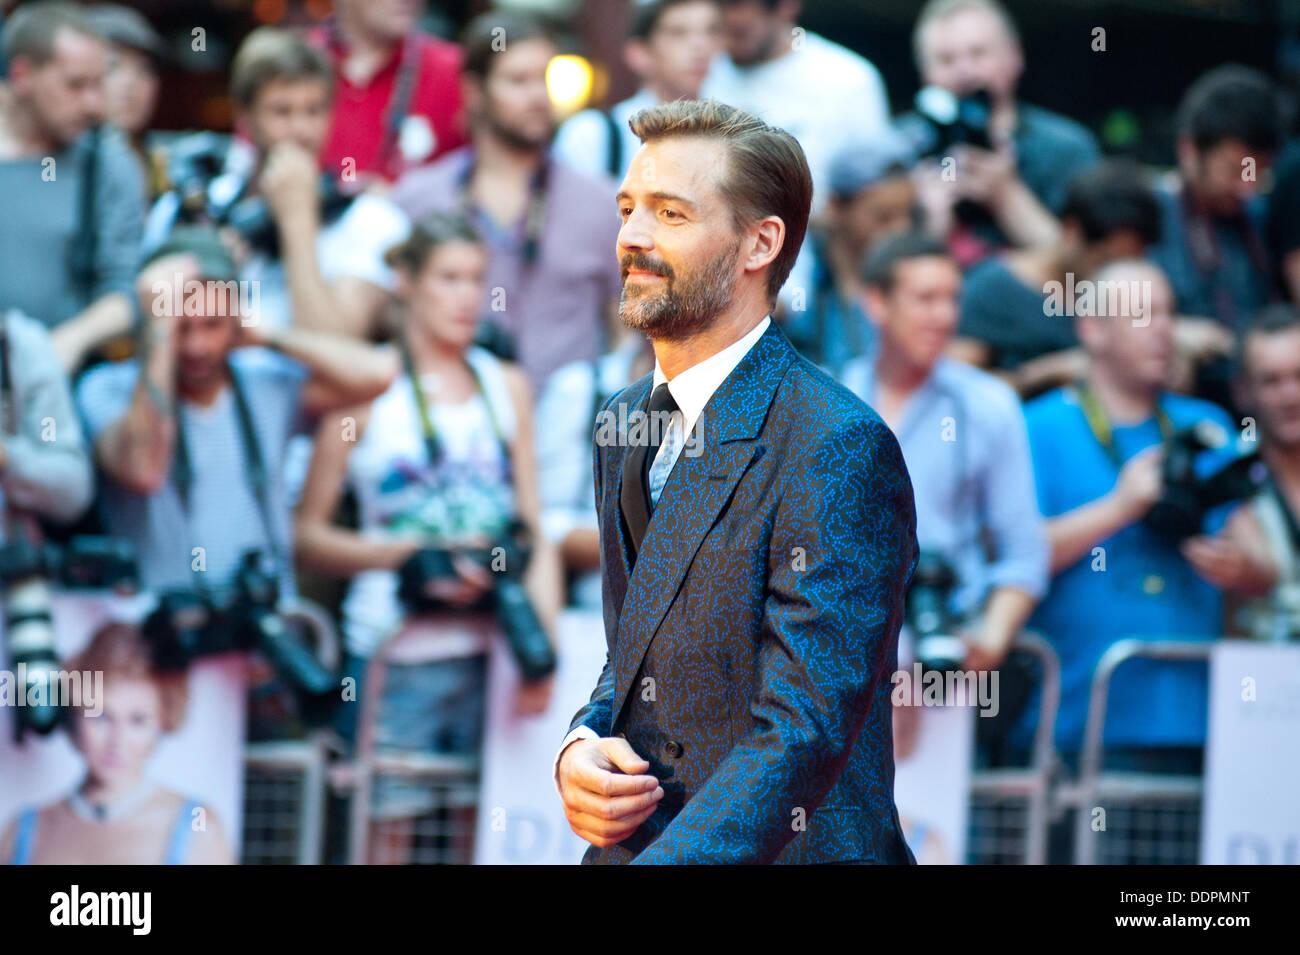 London, UK - 5. September 2013: Patrick Grant besucht die Diana-Welt-Premiere im Odeon-Kino am Leicester Square. Bildnachweis: Piero Cruciatti/Alamy Live-Nachrichten Stockbild